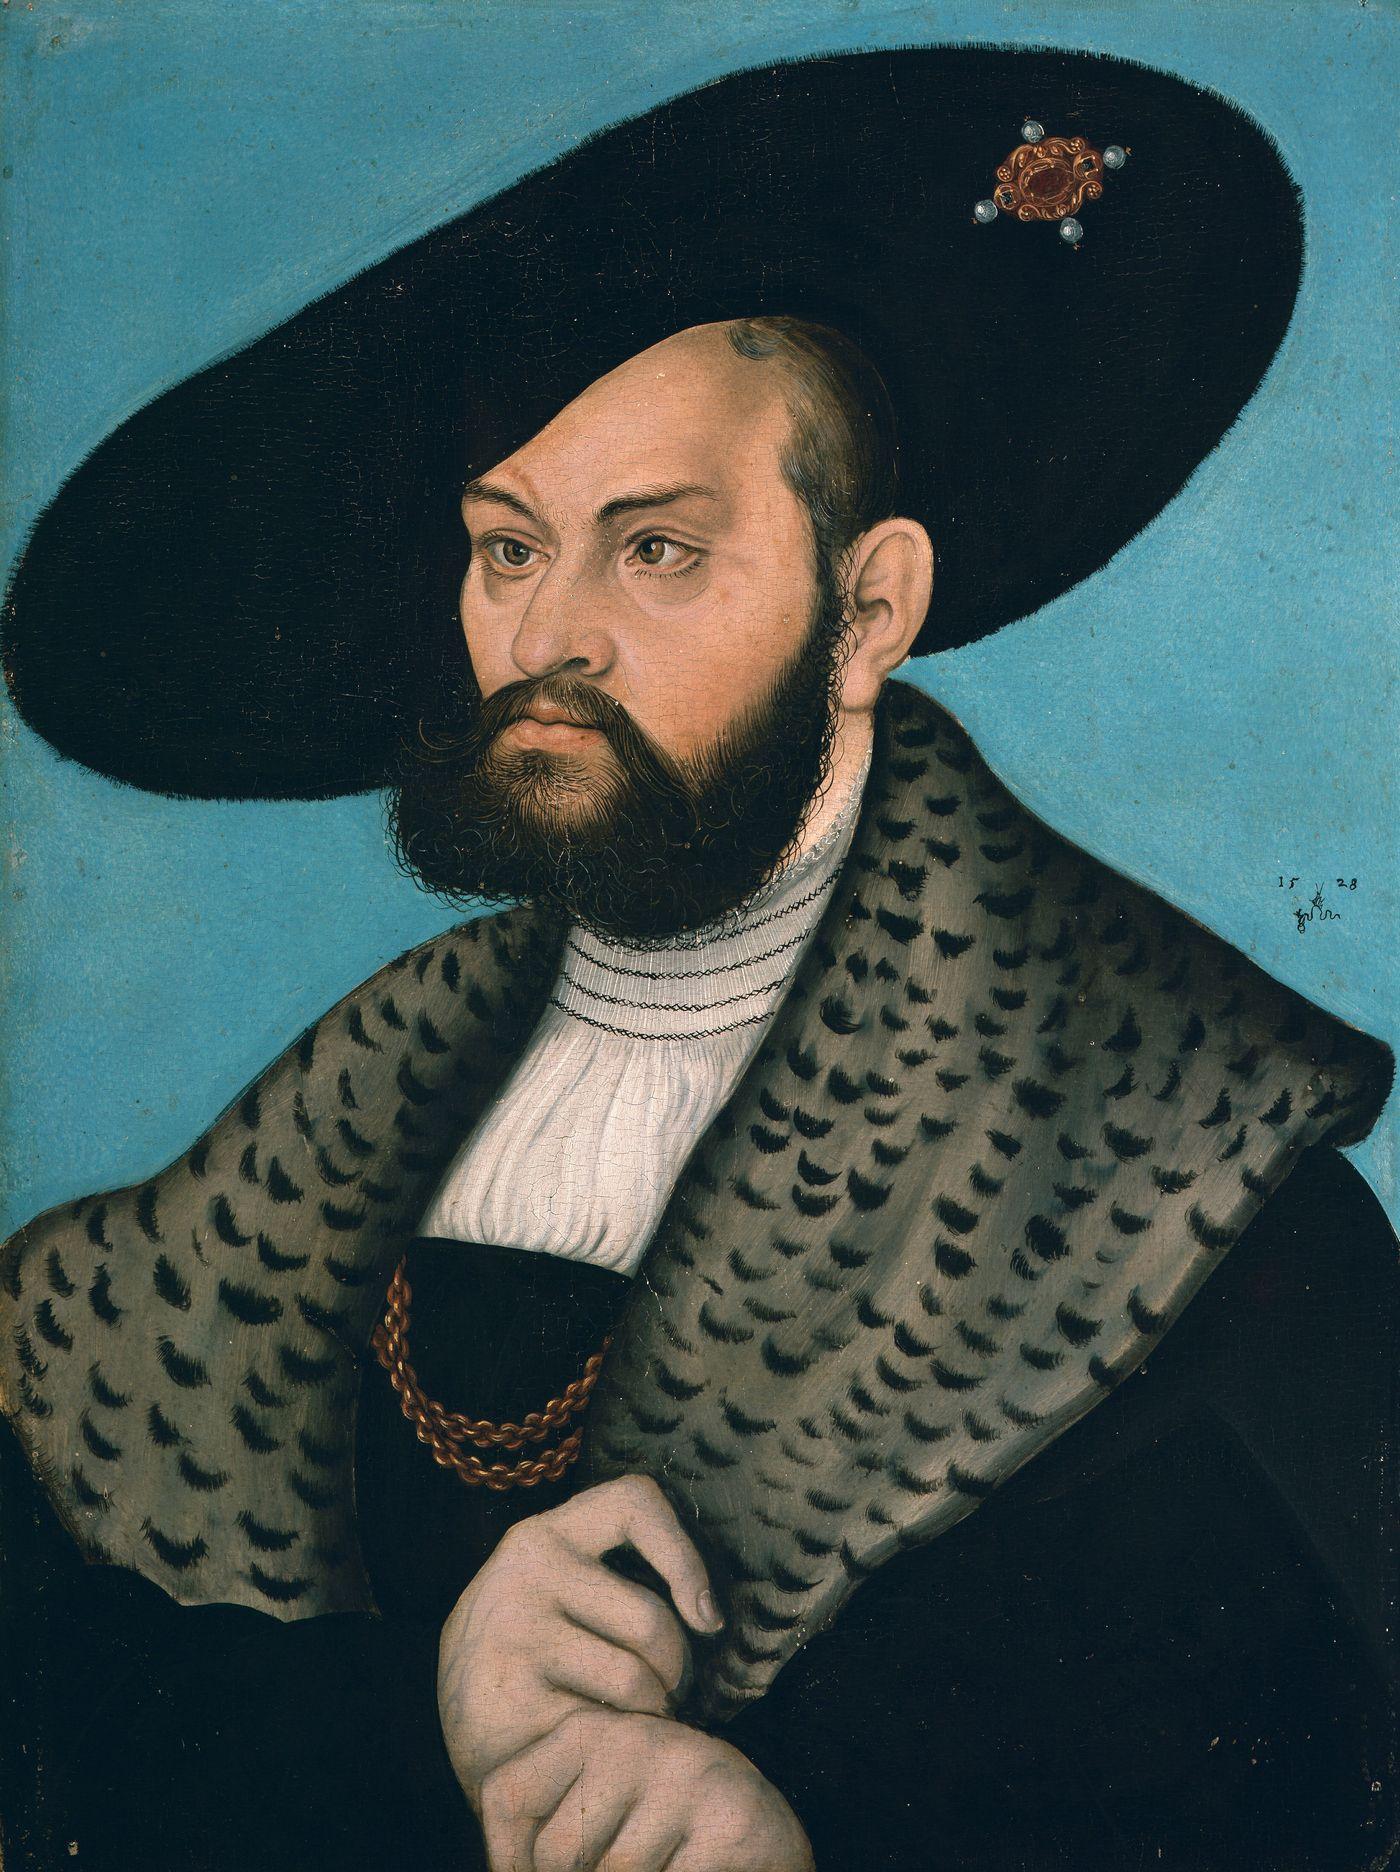 Luteranizm przenikał do Rzeczpospolitej między innymi z rządzonych przez Albrechta Hohenzollerna Prus Książęcych.